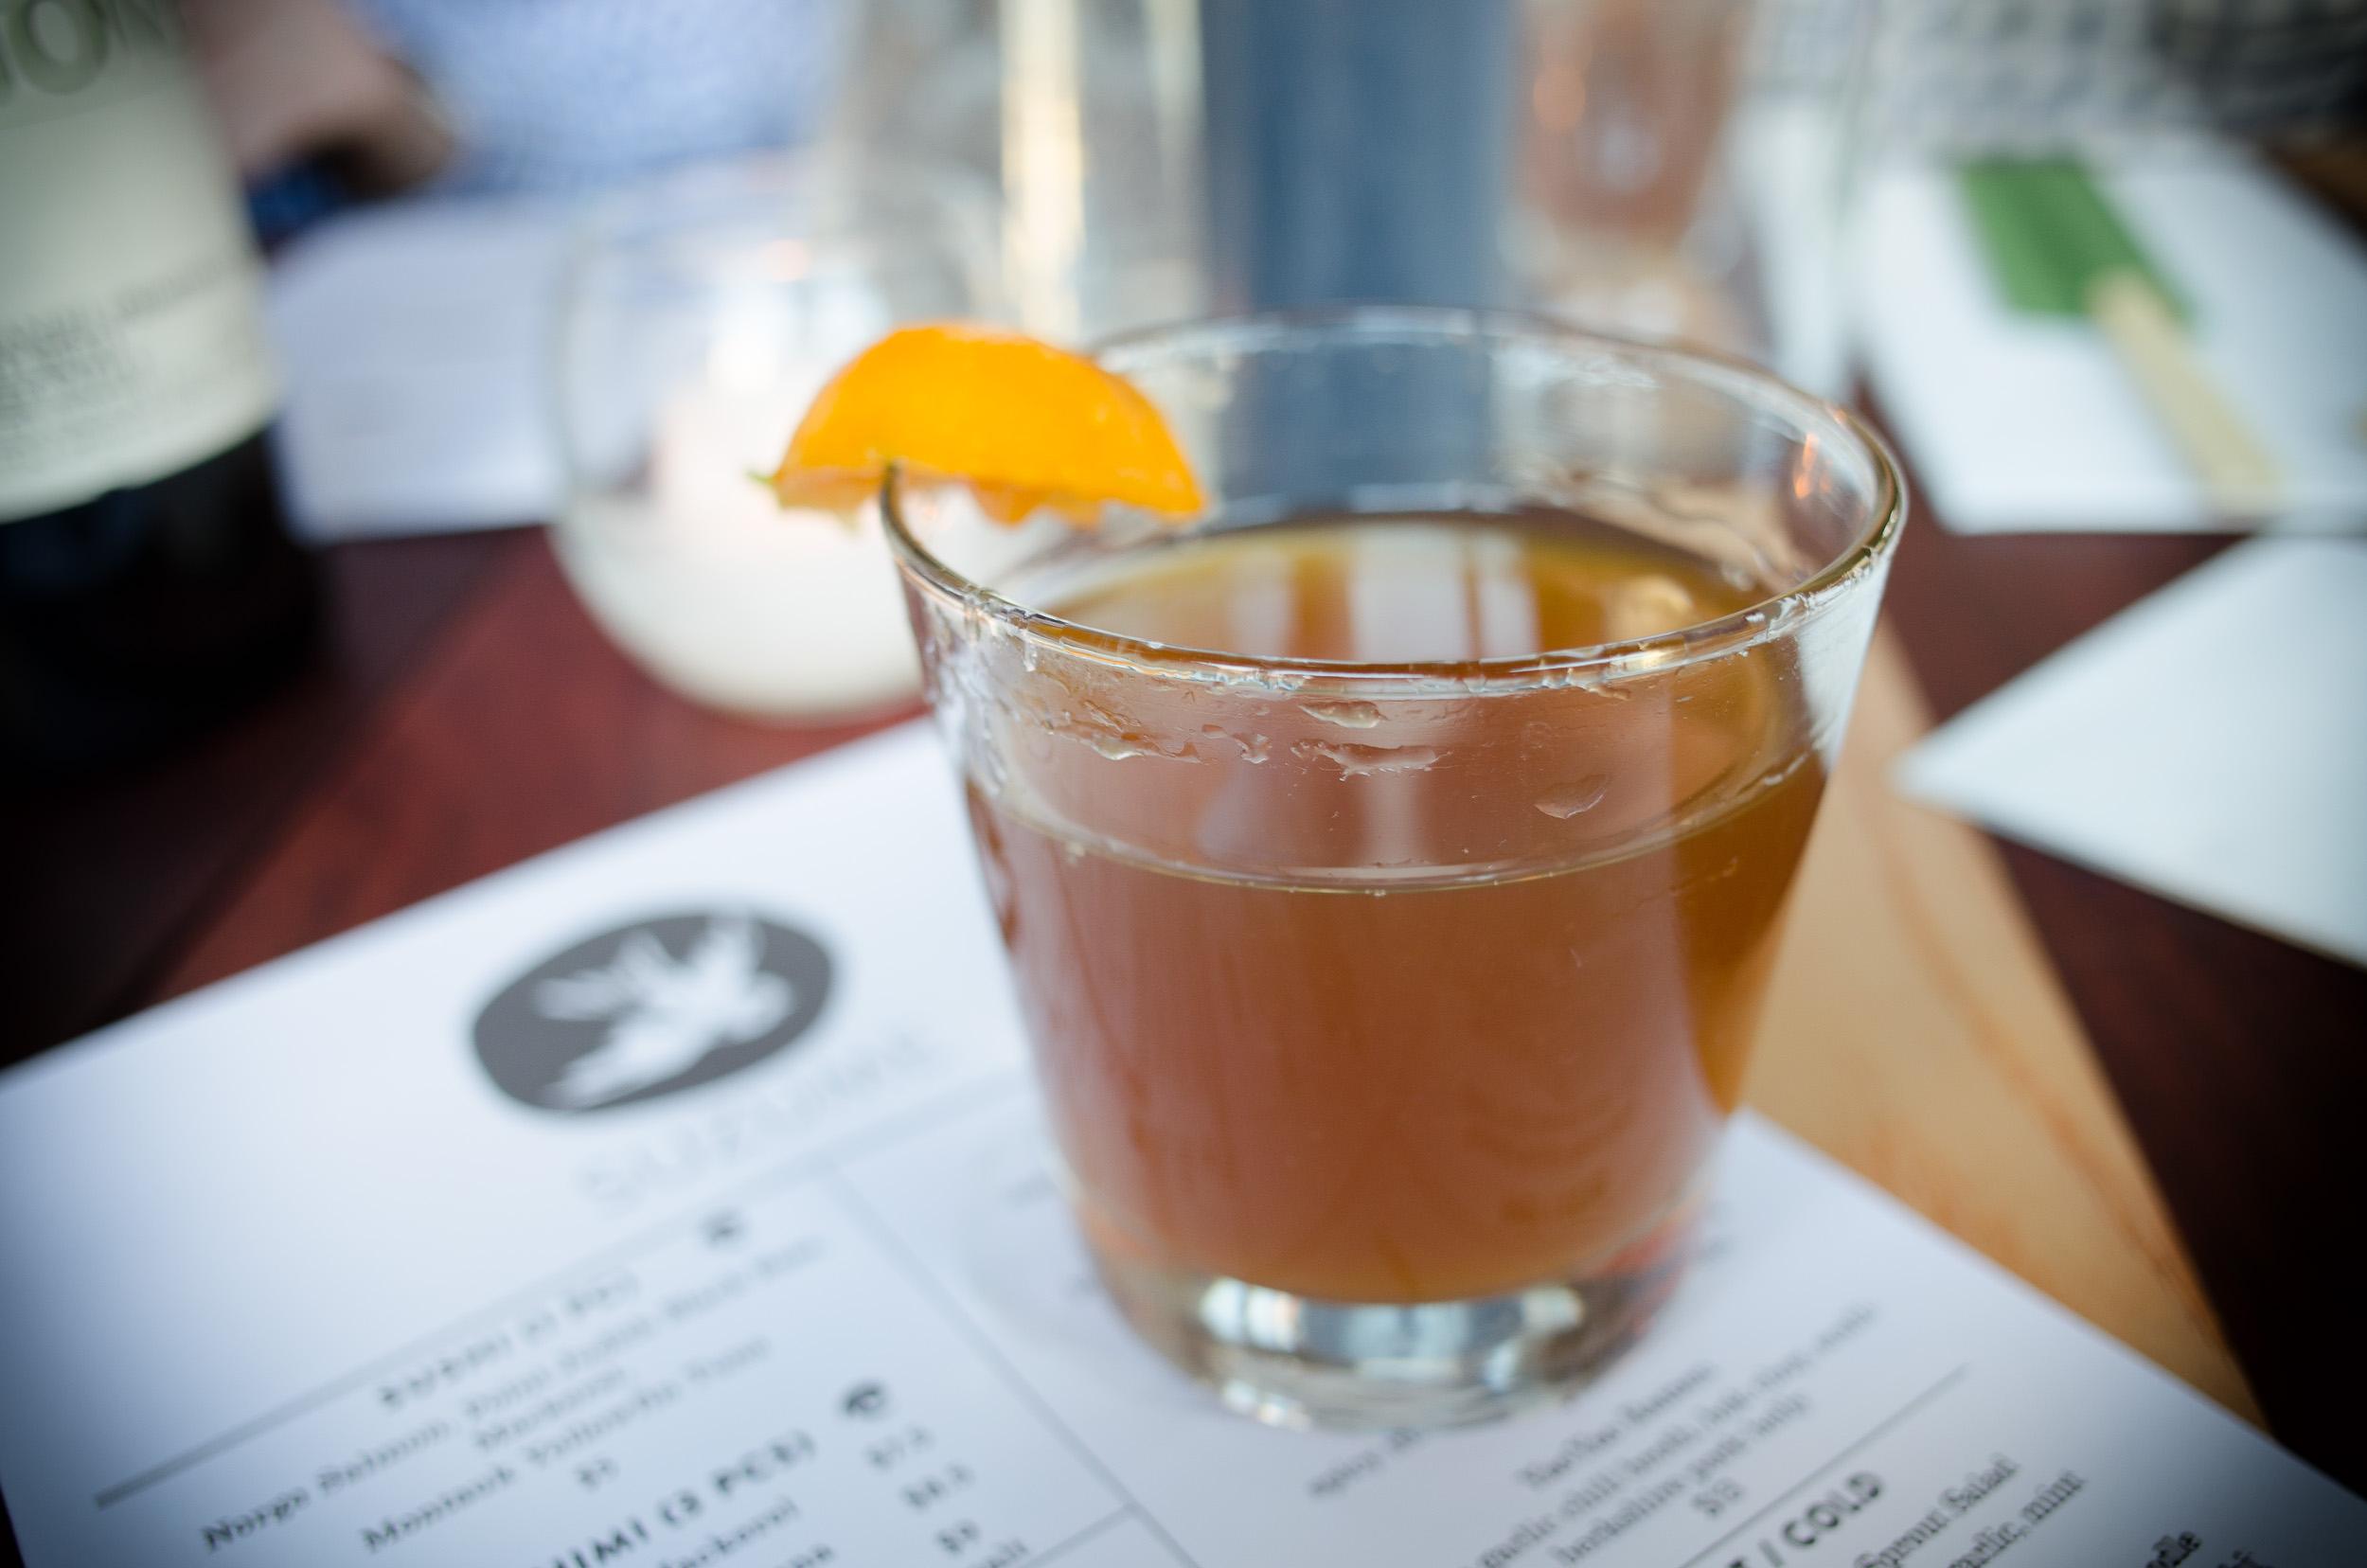 Lady mabel - tequila, fernet-branca, calamansi ($9)